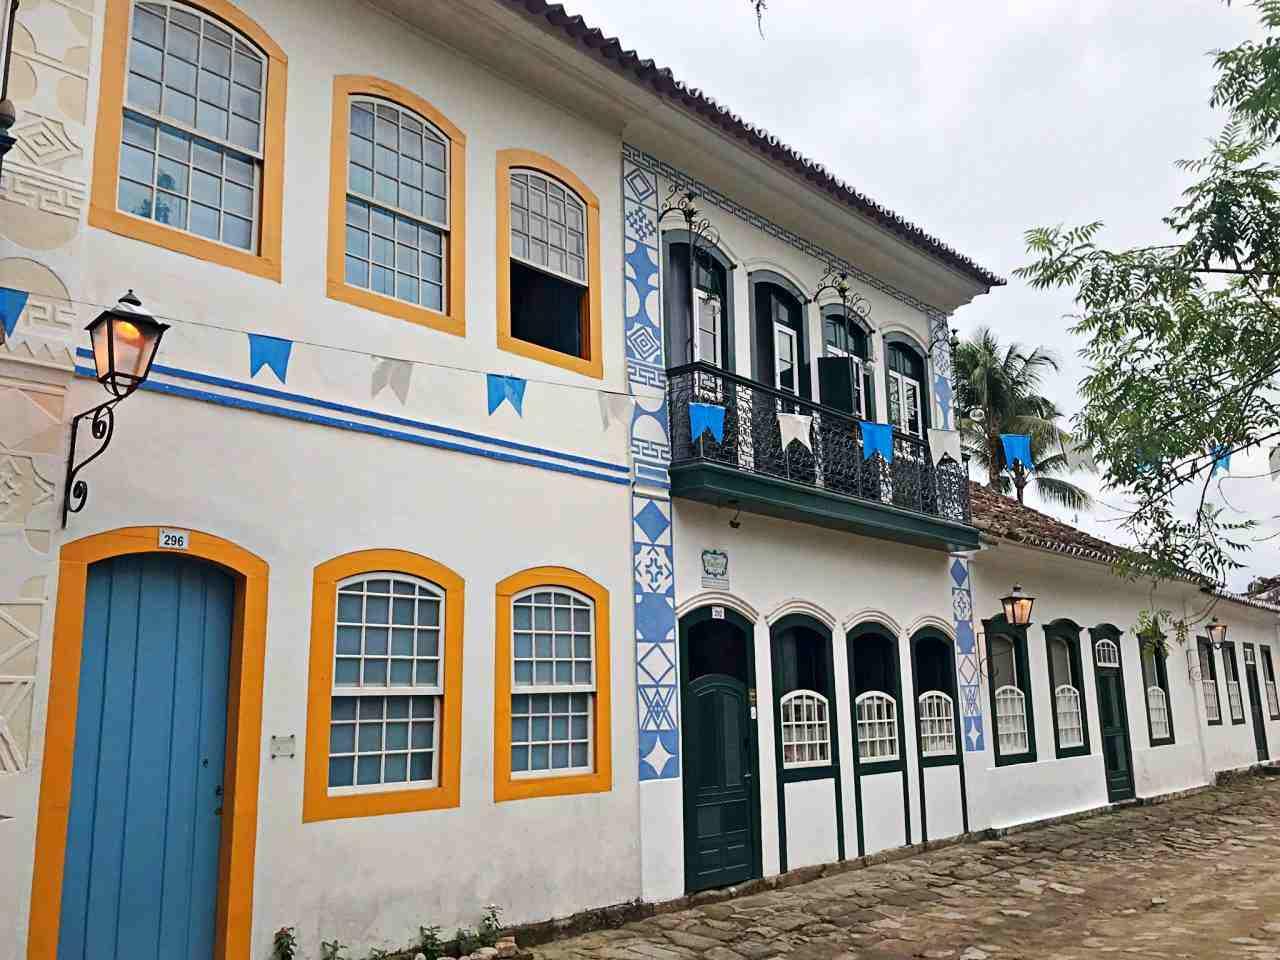 Casas Coloniais Portas e Janelas